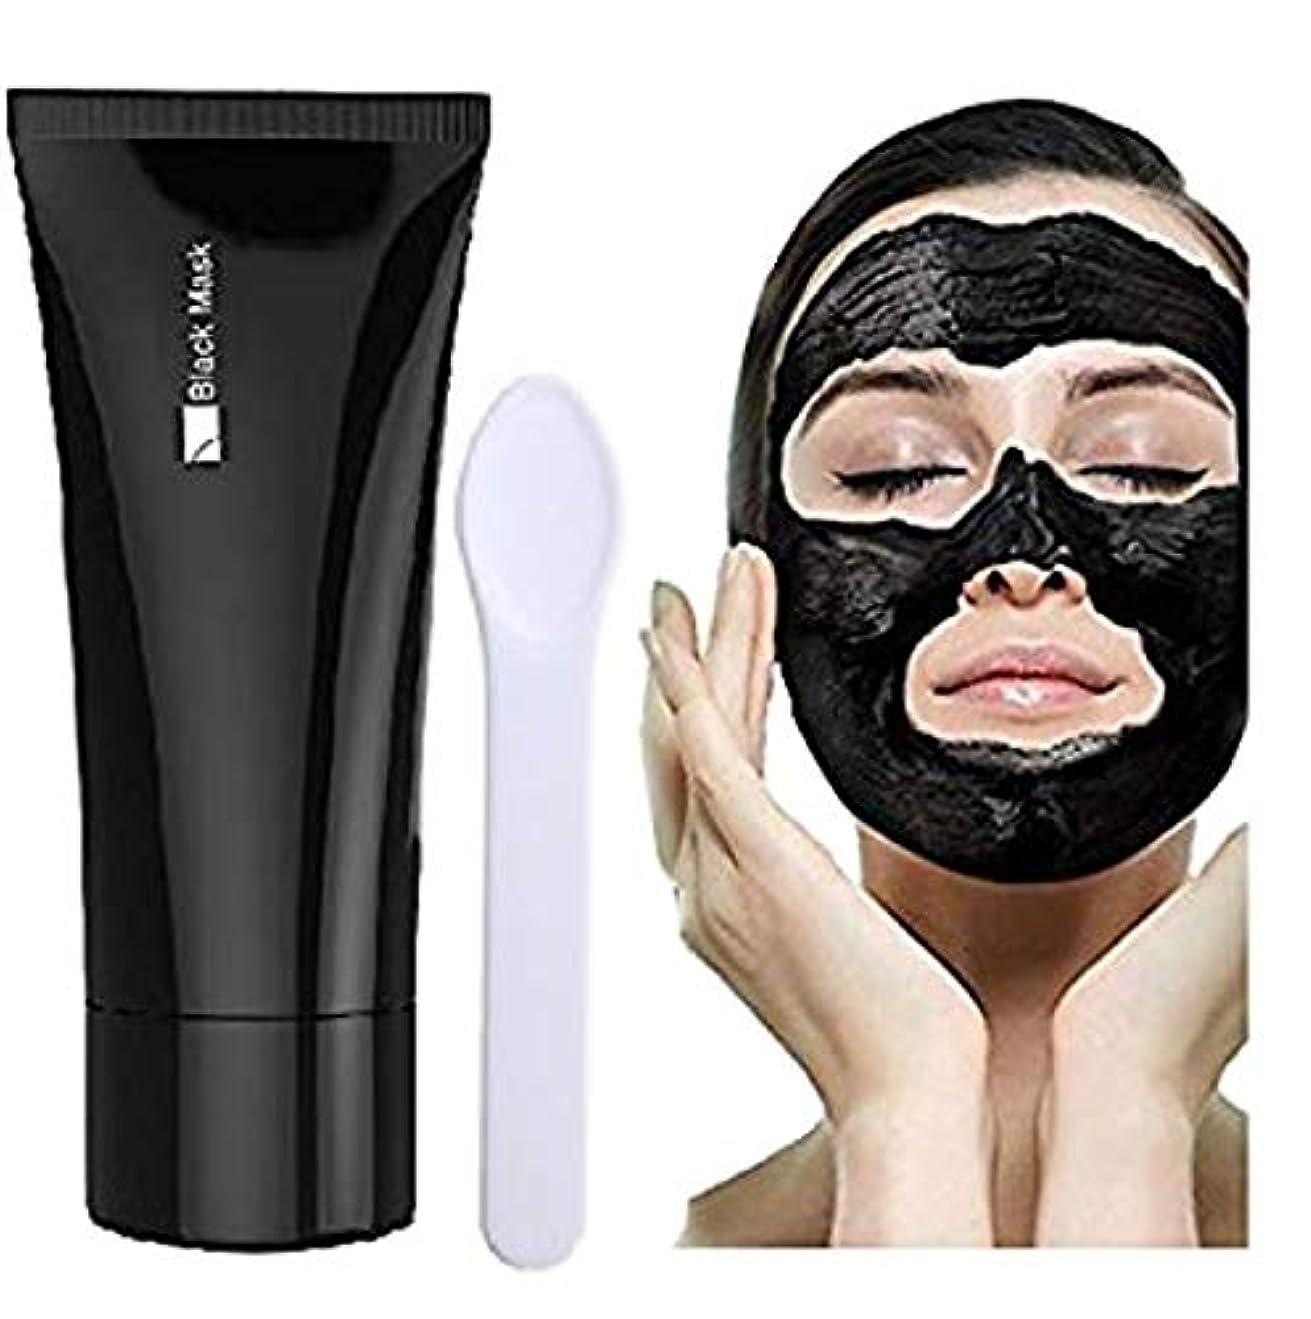 シャープ単なる欠席Blackhead Remover Mask, Black Forest Spa-Peel Off Black Head Acne Treatments,Face Cleaning Mask+Spoon